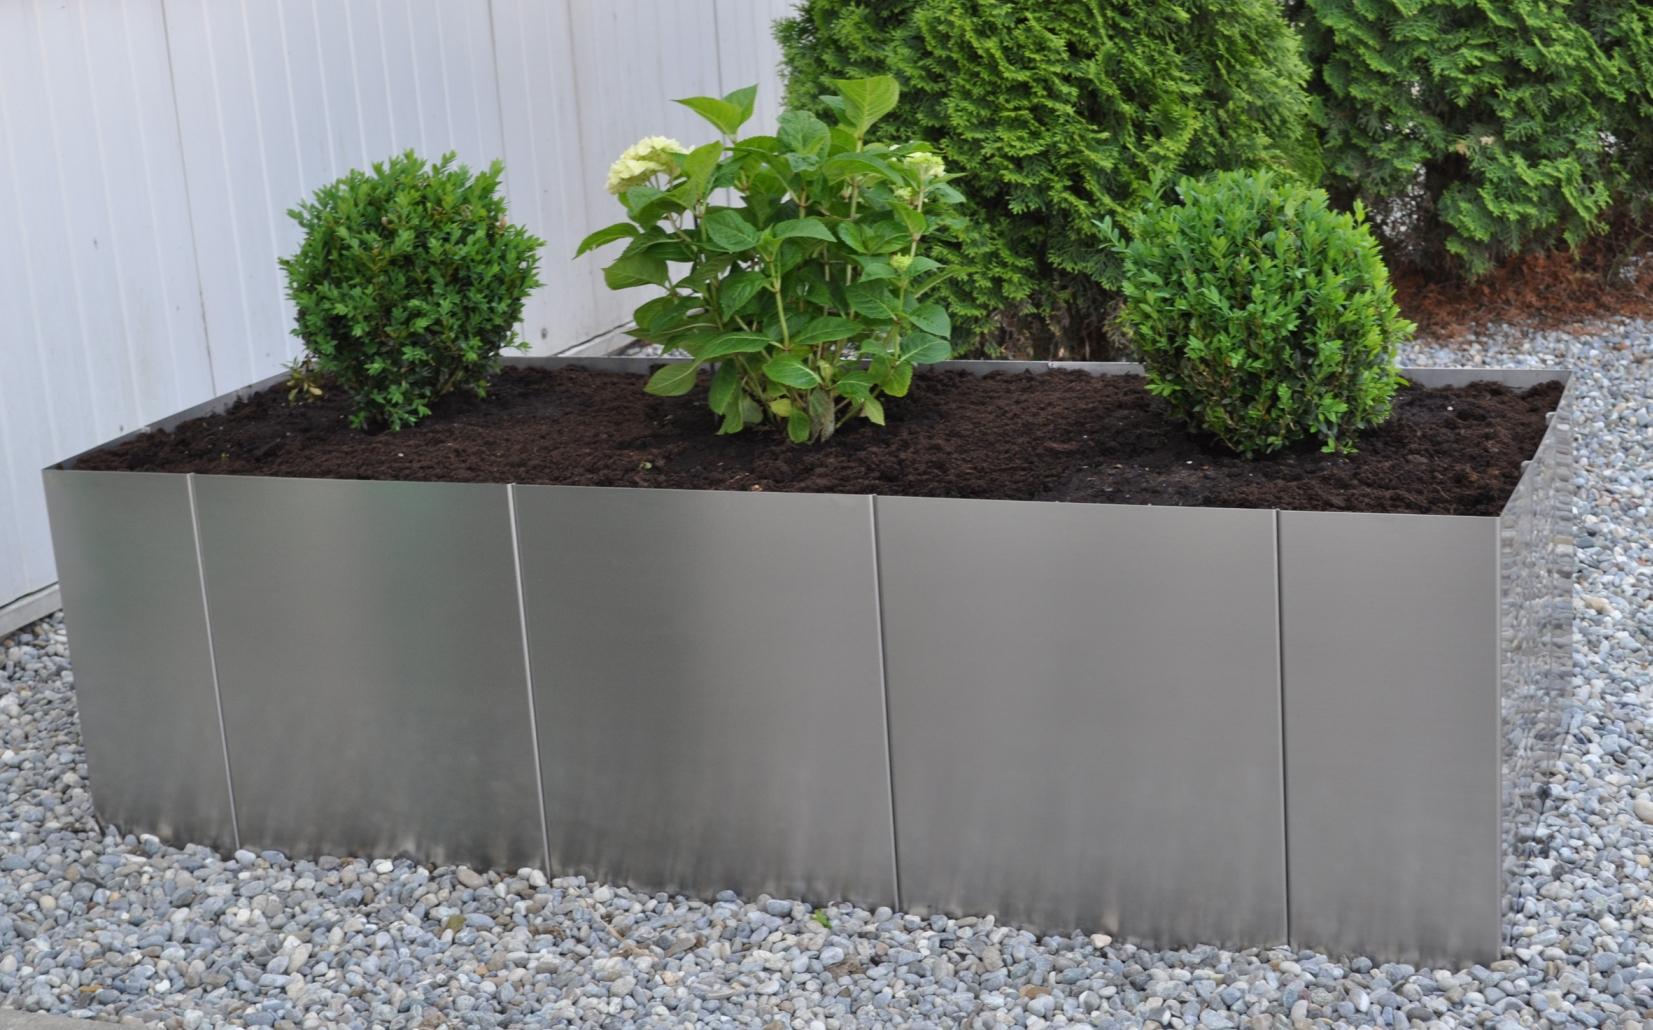 Full Size of Garten Im Quadrat Hochbeet Square 160 Edelstahlküche Edelstahl Outdoor Küche Gebraucht Wohnzimmer Hochbeet Edelstahl